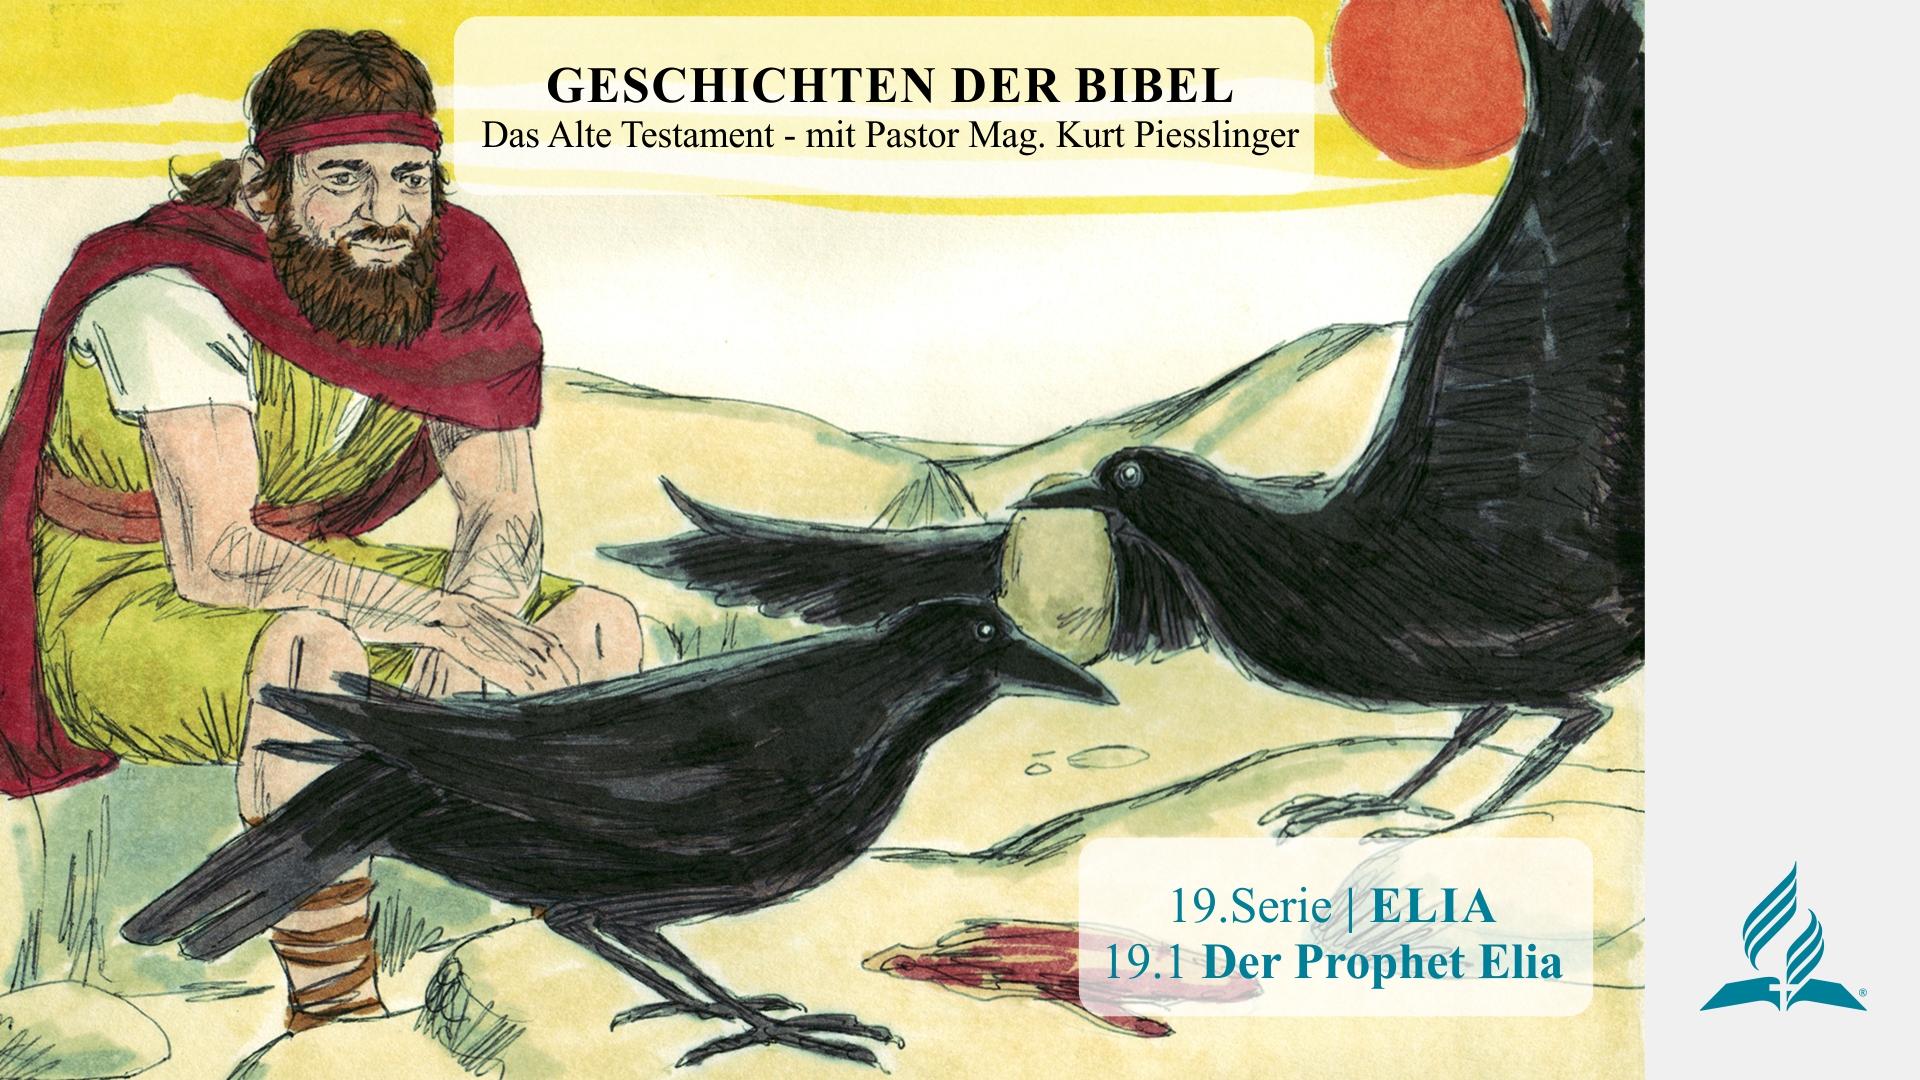 19.1 Der Prophet Elia x